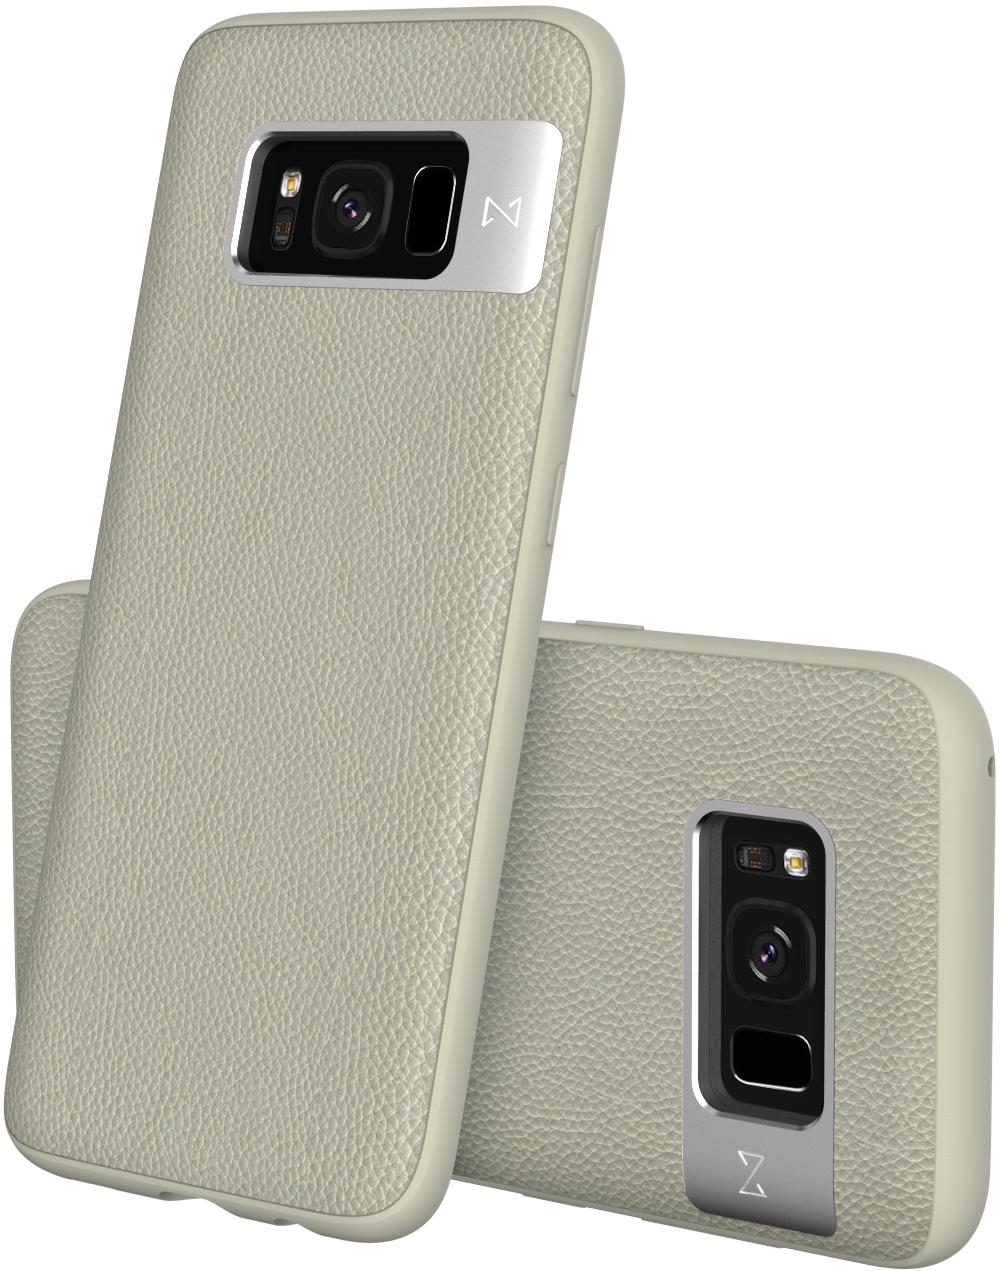 Matchnine Tailor чехол для Samsung Galaxy S8 Plus, TanENV059Чехол Matchnine Tailor - стильный аксессуар, обеспечивающий надежную защиту Samsung Galaxy S8 Plus от ударов и других воздействий. Его задняя панель изготовлена из жесткого поликарбоната, стилизованного под кожу, а бампер - из эластичного полиуретана. Кроме того, он украшен металлической накладкой, обрамляющей камеру.Мягкая рамка позволяет быстро надевать клип-кейс. Она слегка выступает над экраном, защищая его от контактов с твердыми поверхностями.Несмотря на отличные защитные свойства, чехол практически не увеличивает размеры устройства. С ним мобильный девайс можно носить в кармане или в специальном отделении сумки. Вырезы в клип-кейсе предоставляют доступ к важнейшим деталям смартфона, включая камеры, кнопки и разъемы.